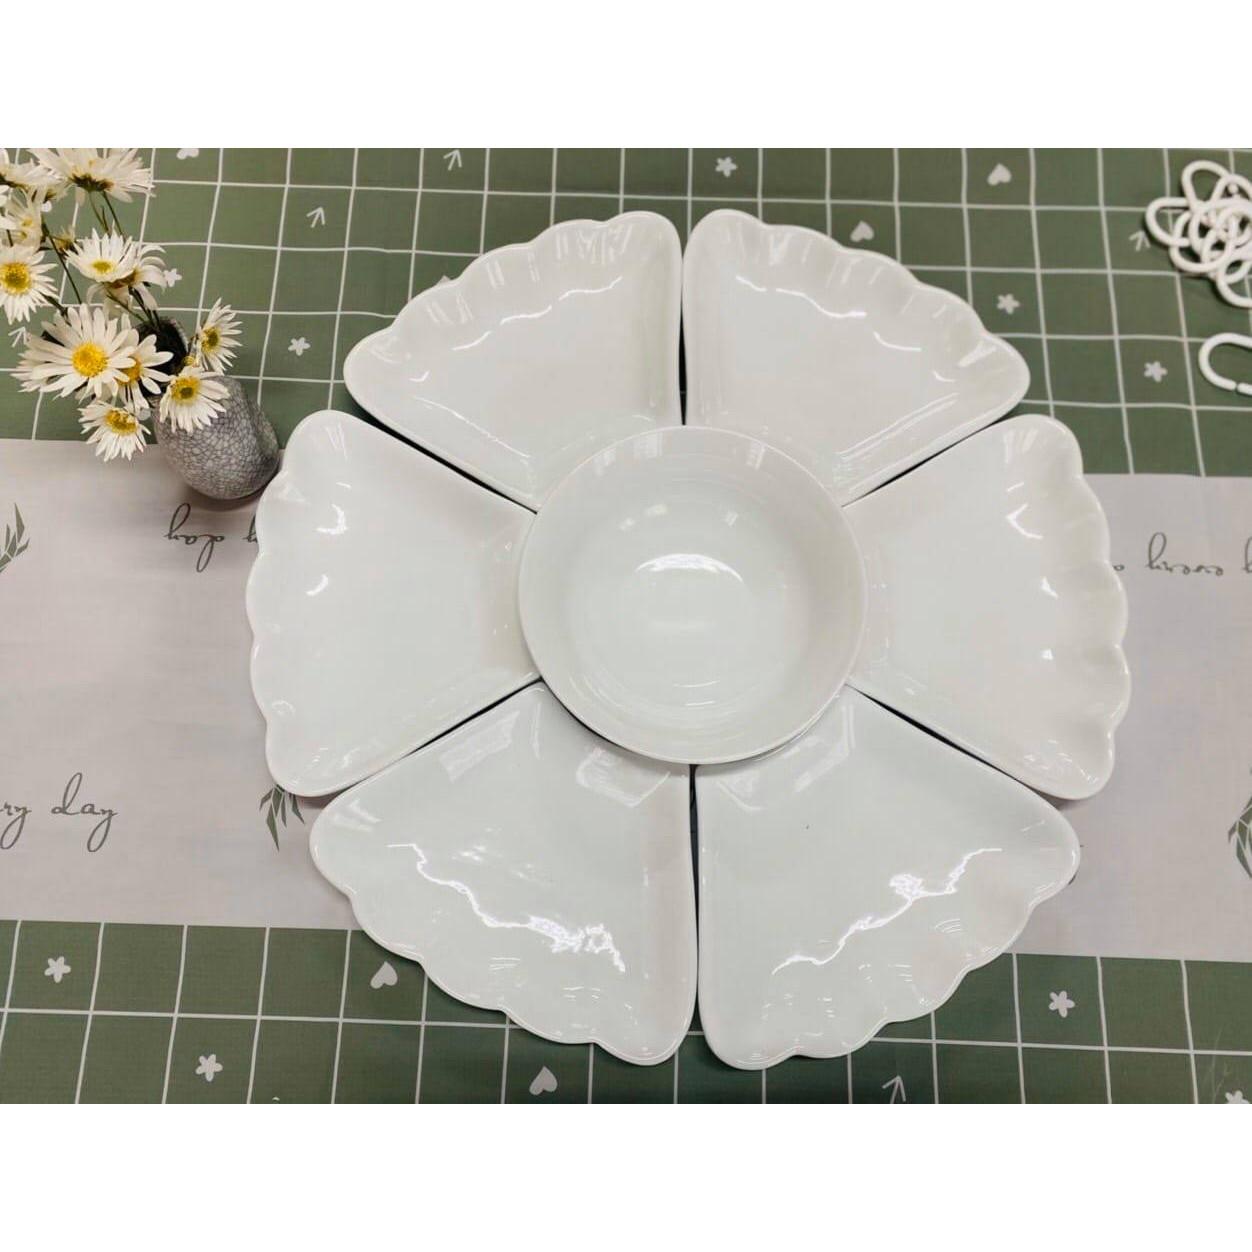 Bộ bát đĩa Hoa mặt trời loại 1 màu trắng - Gốm sứ Bát Tràng xịn xò